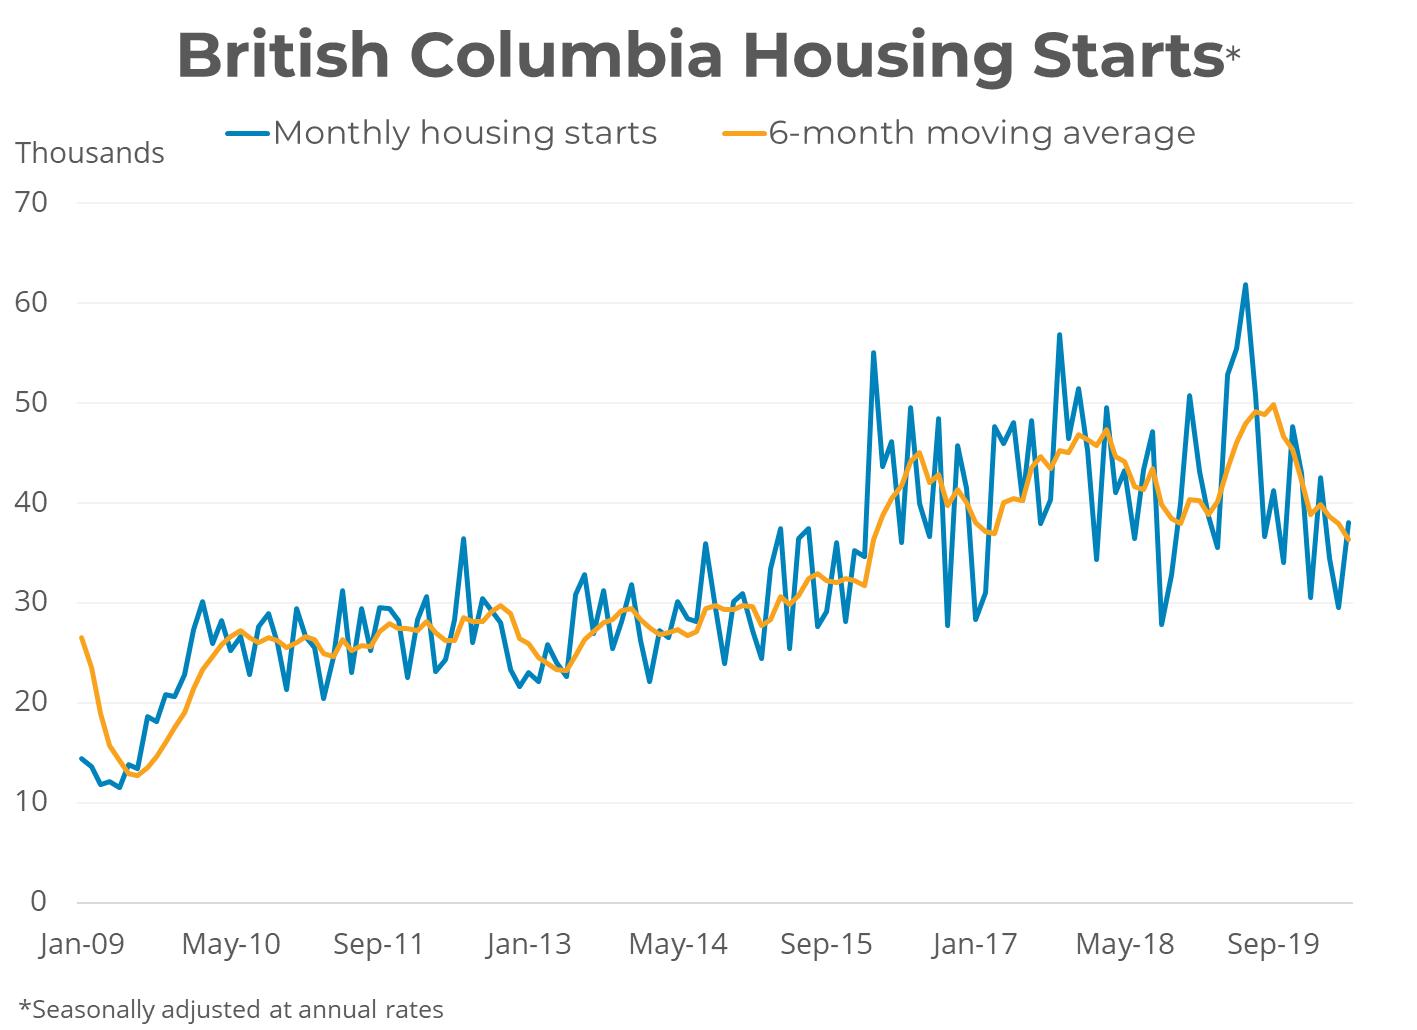 British Columbia Housing Starts - May 2020